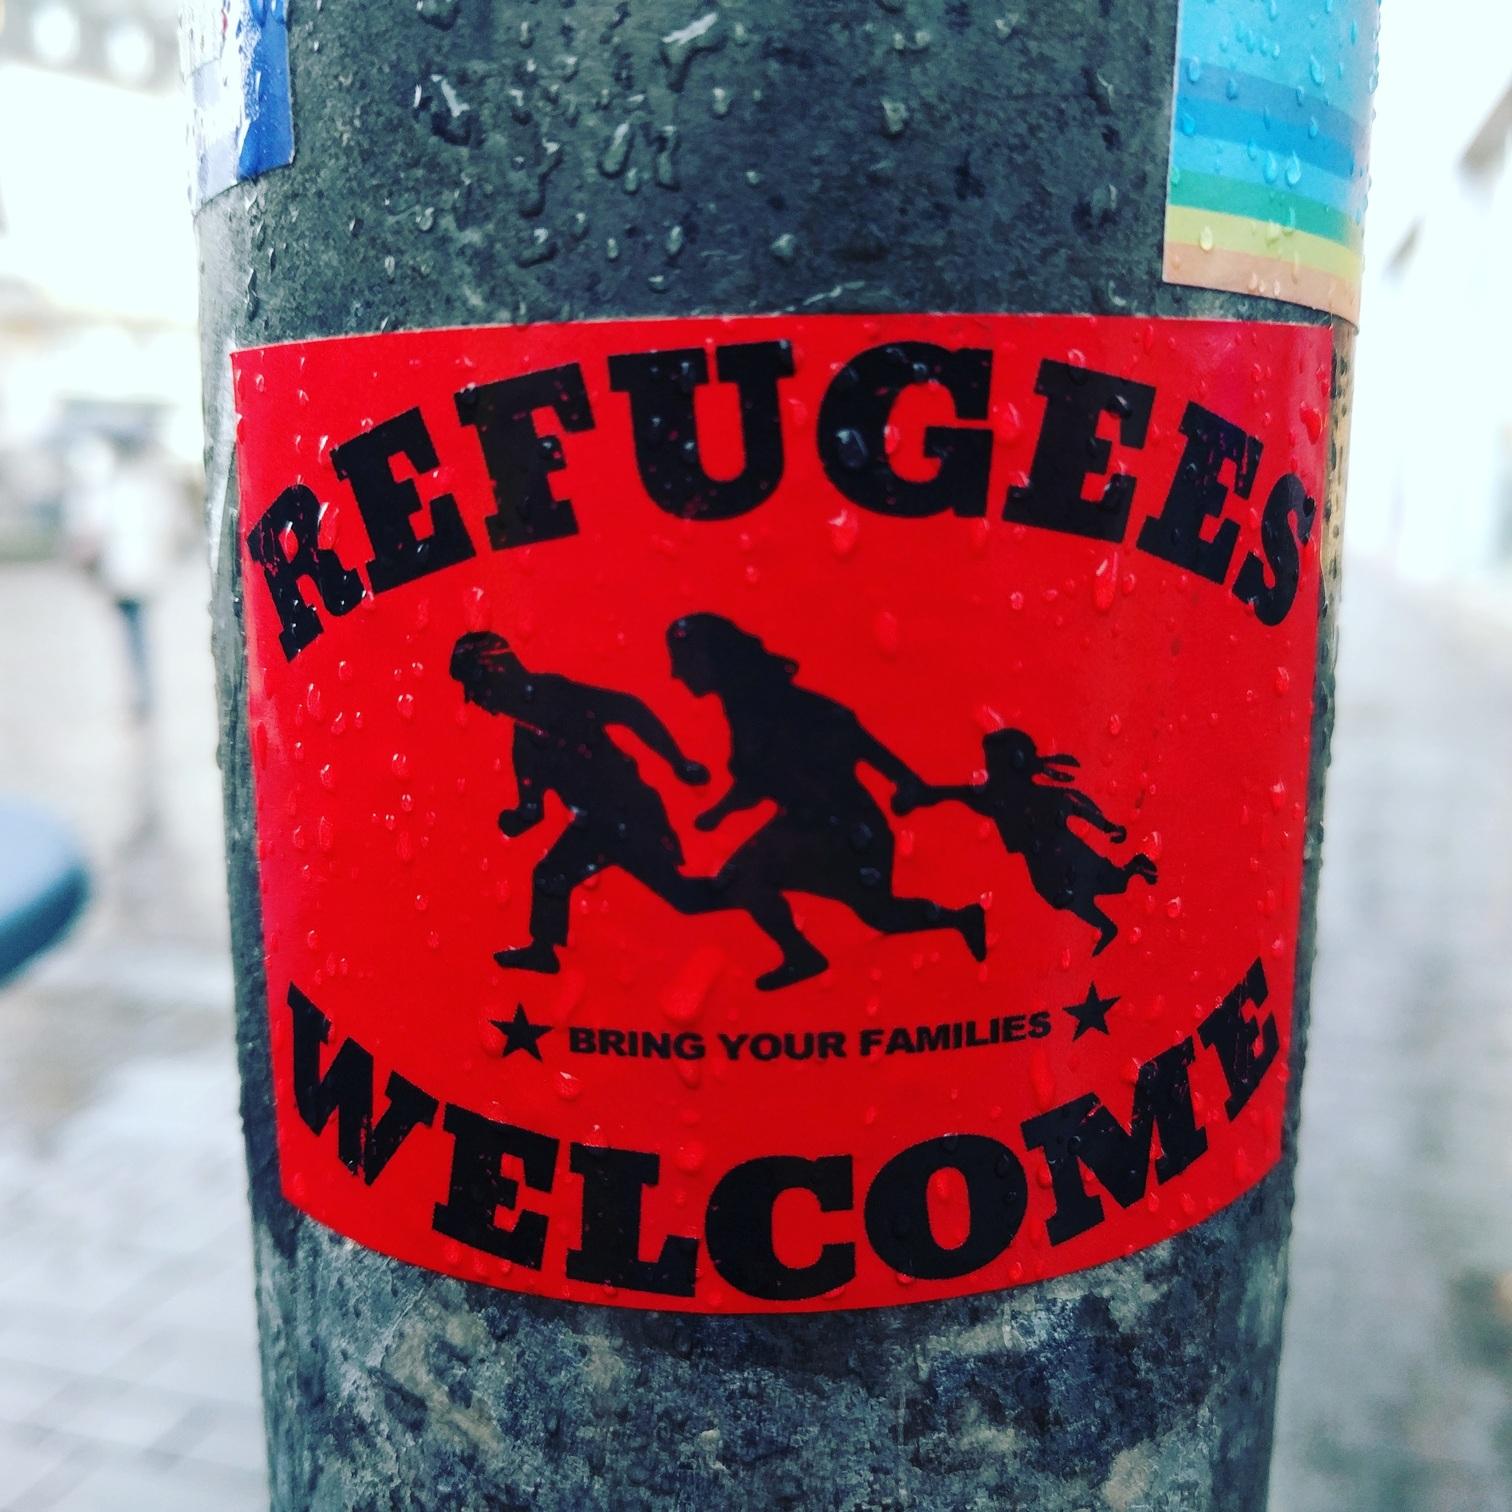 /images/bonn-refuges-welcome.jpg